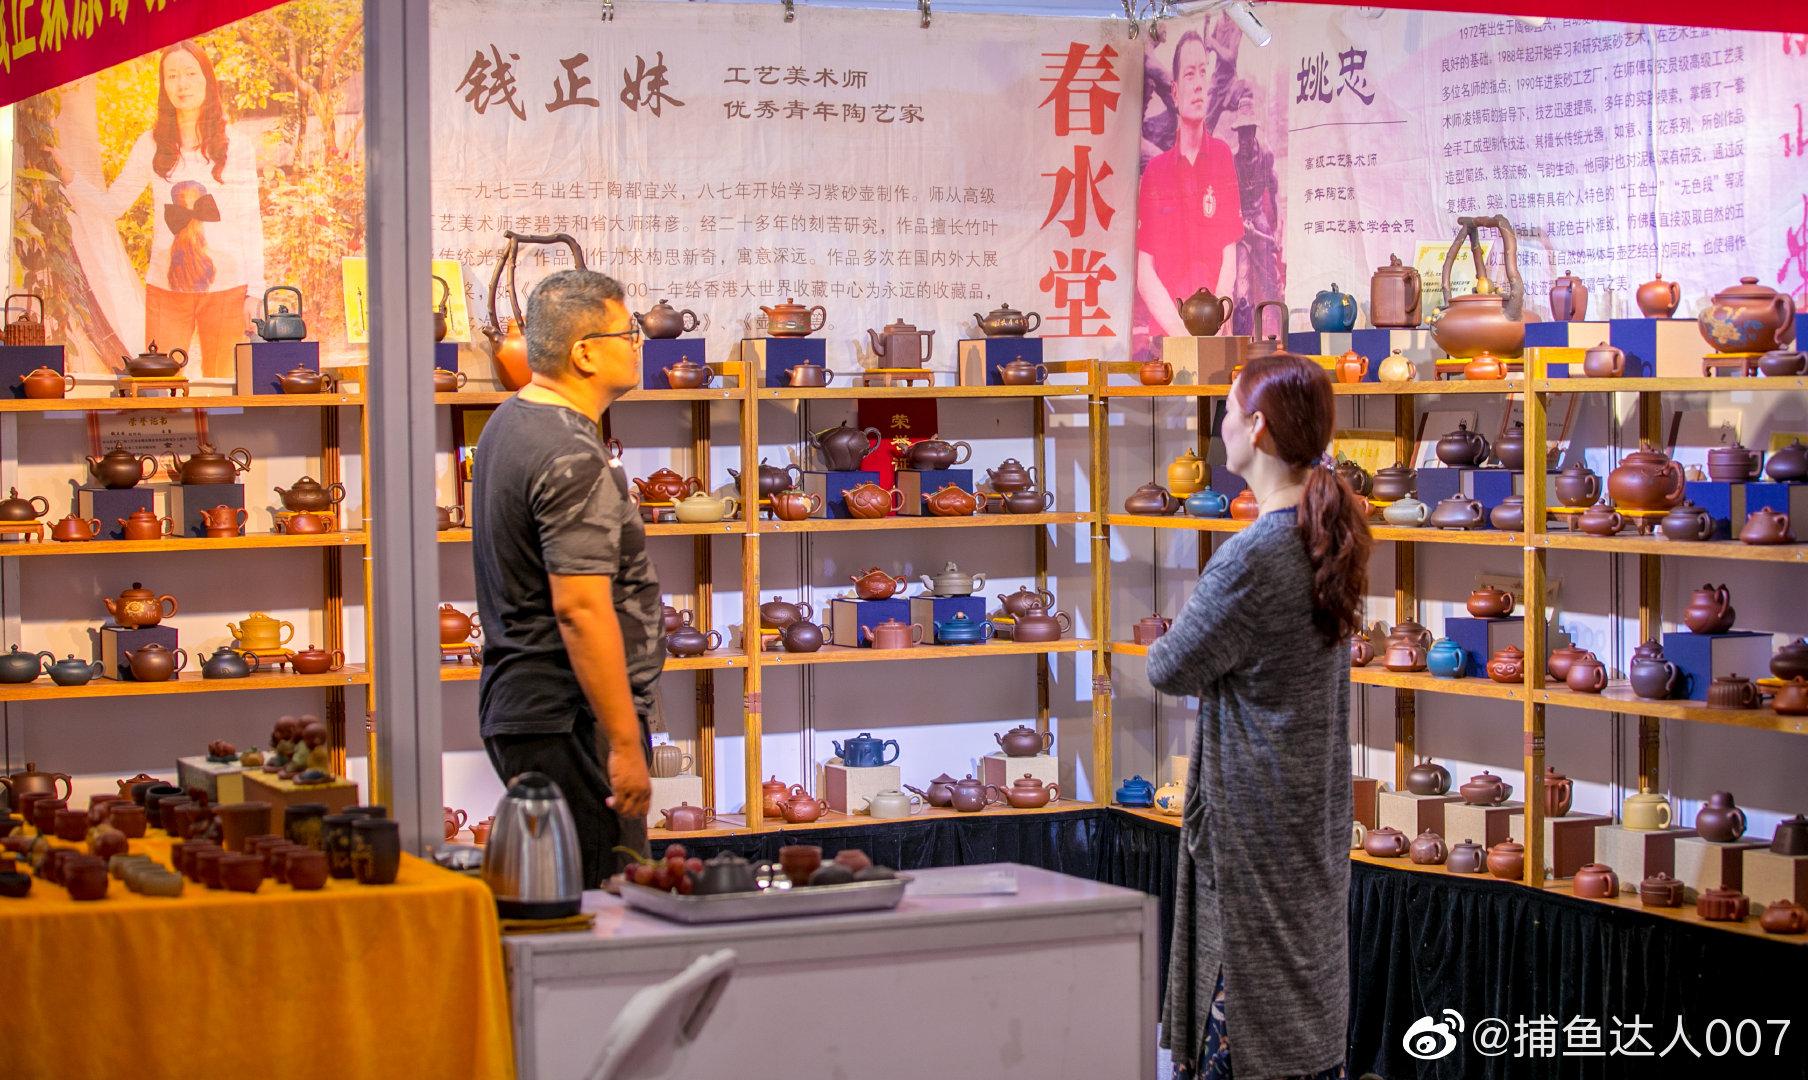 山东国际文化产业博览交易会@济南市文化和旅游局  @中国摄影师联盟